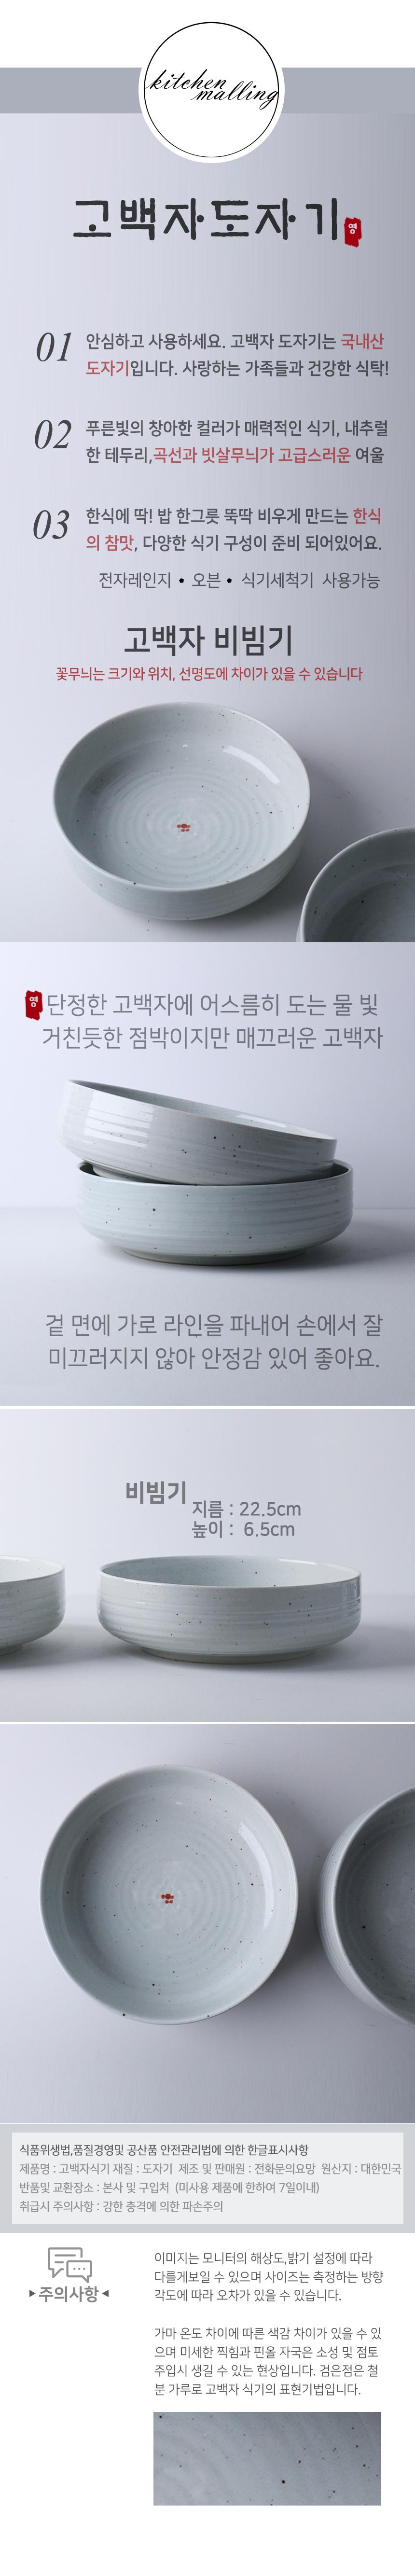 고백자 비빔기 1P - 키친몰링, 21,500원, 파스타/면기/스프, 면기